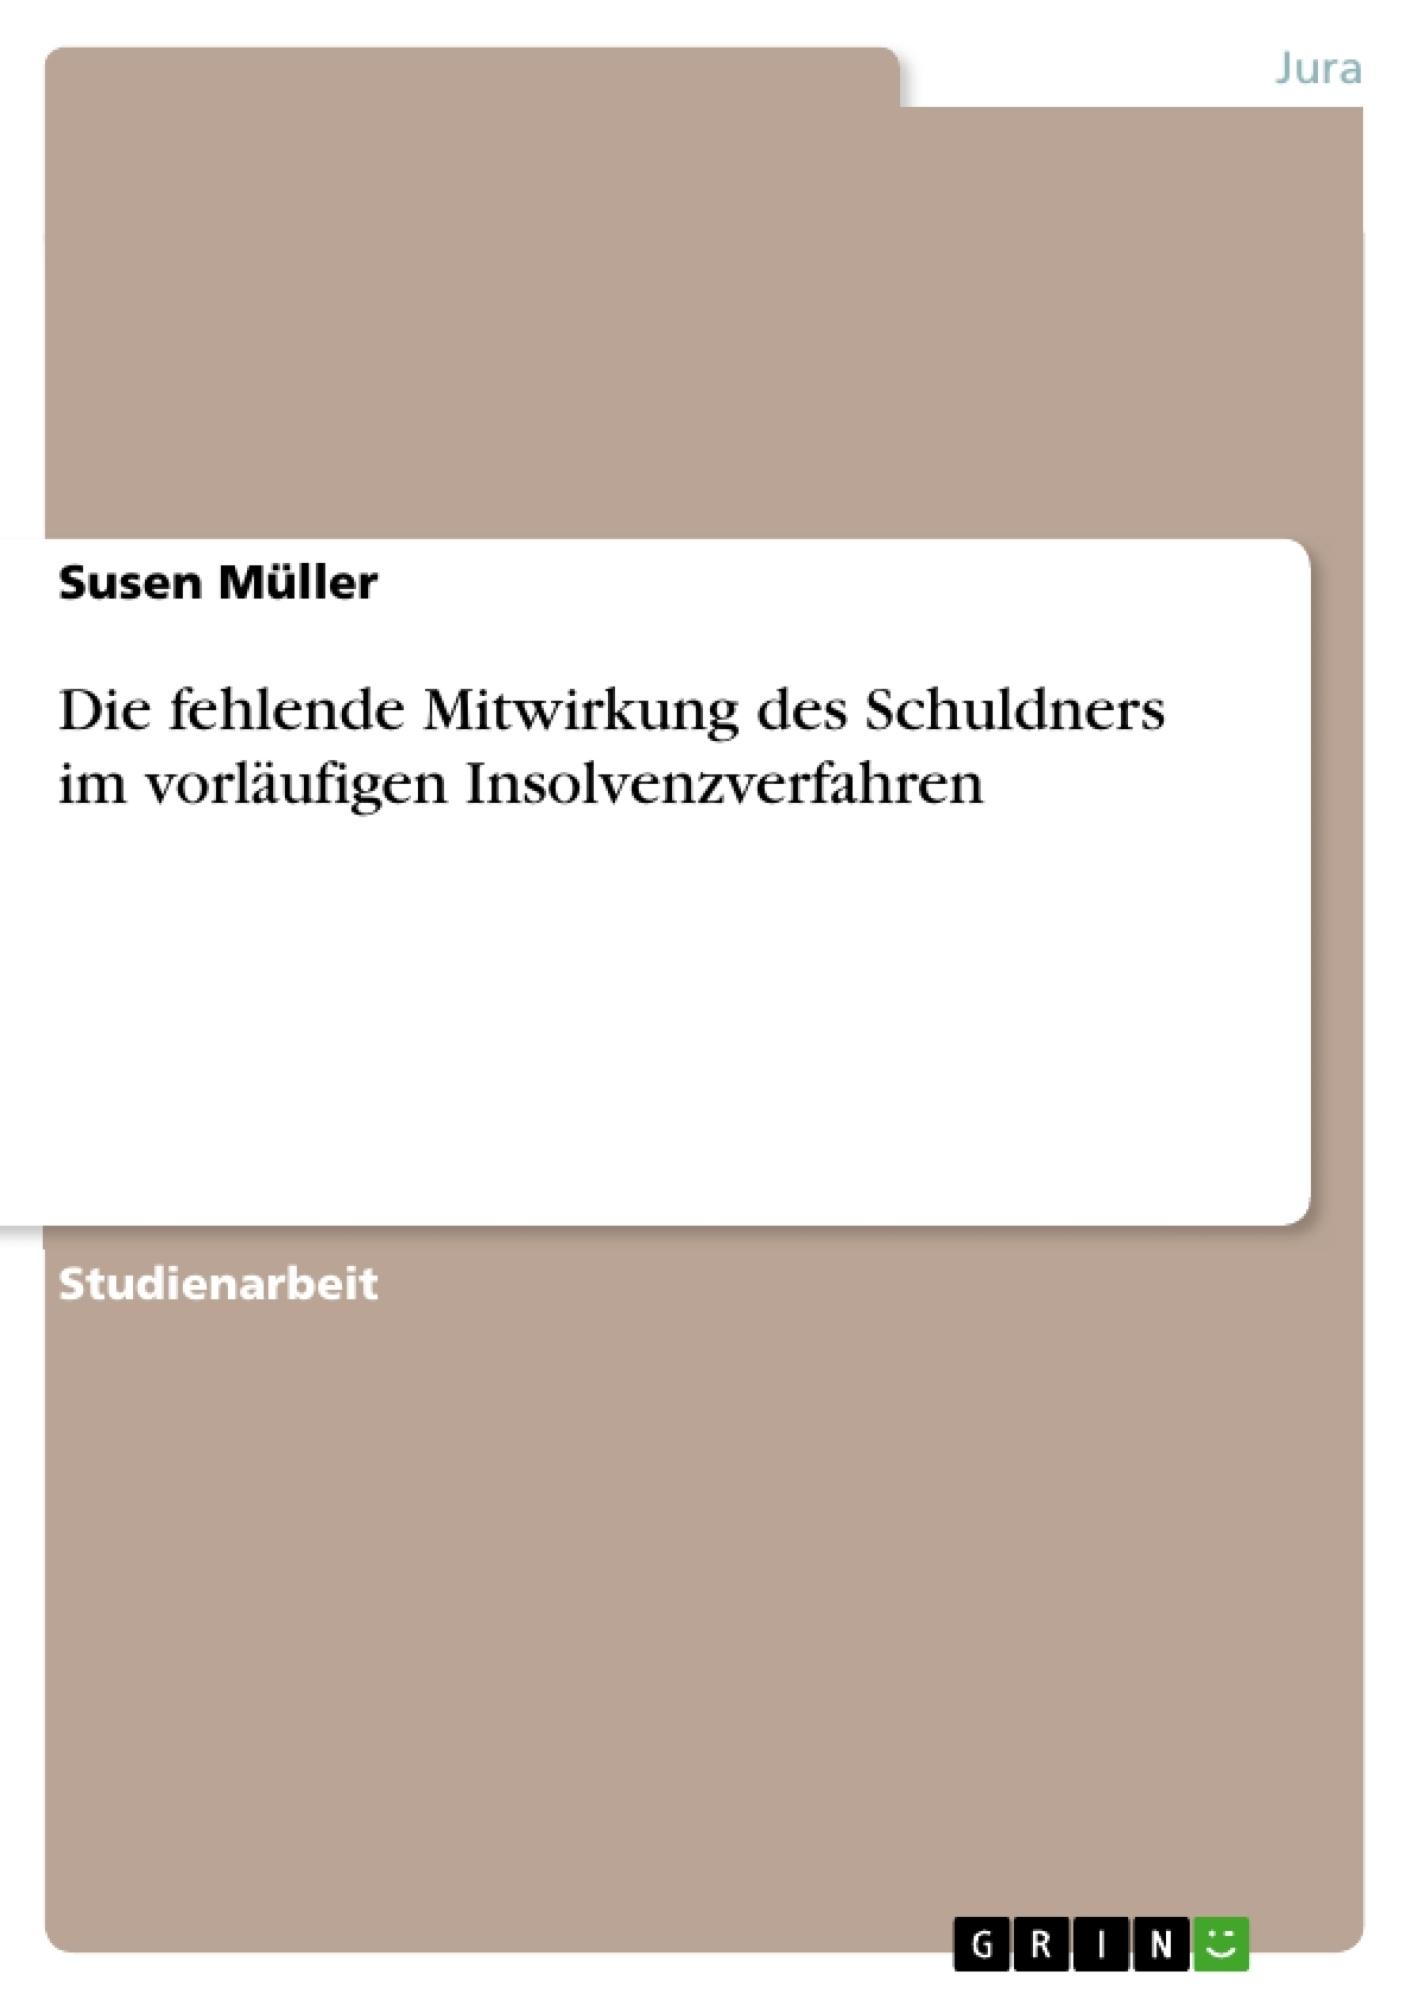 Titel: Die fehlende Mitwirkung des Schuldners im vorläufigen Insolvenzverfahren